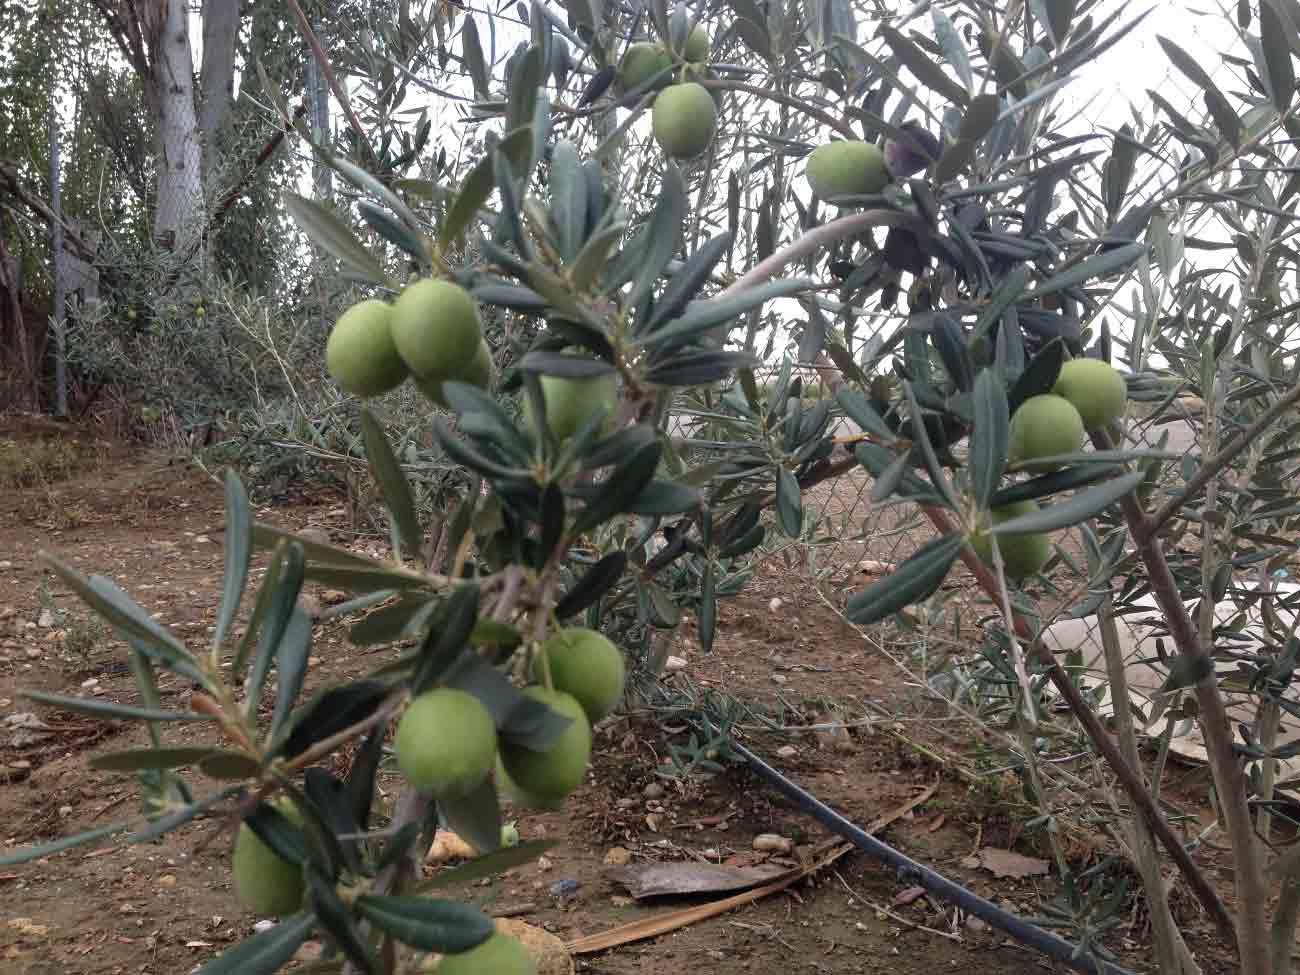 Viveros la conchuela plantones de olivo for Viveros de olivos